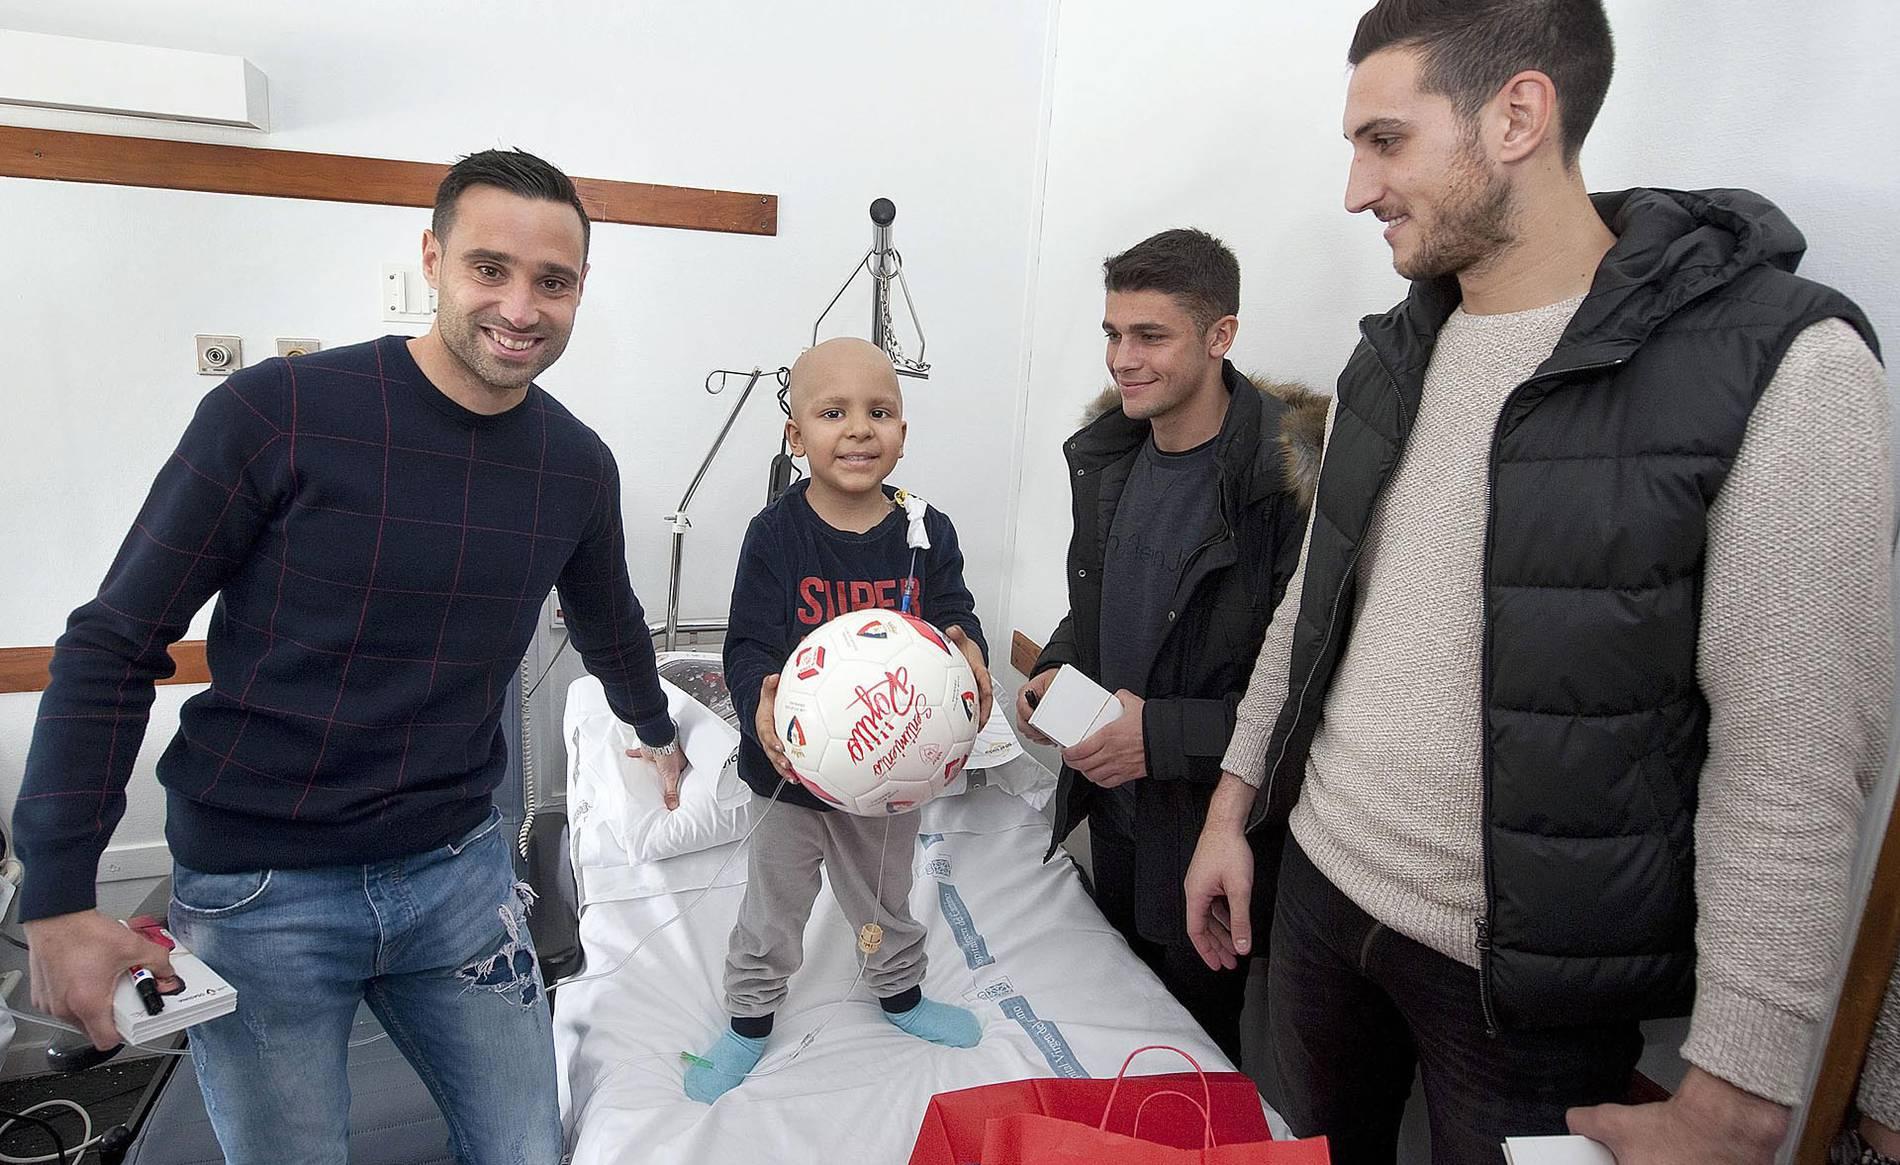 Los jugadores de Osasuna visitan a los niños ingresados en el CHN (1/4) - Imágenes de la visita de los jugadores de Osasuna a los niños ingresados en el CHN. - Navarra -